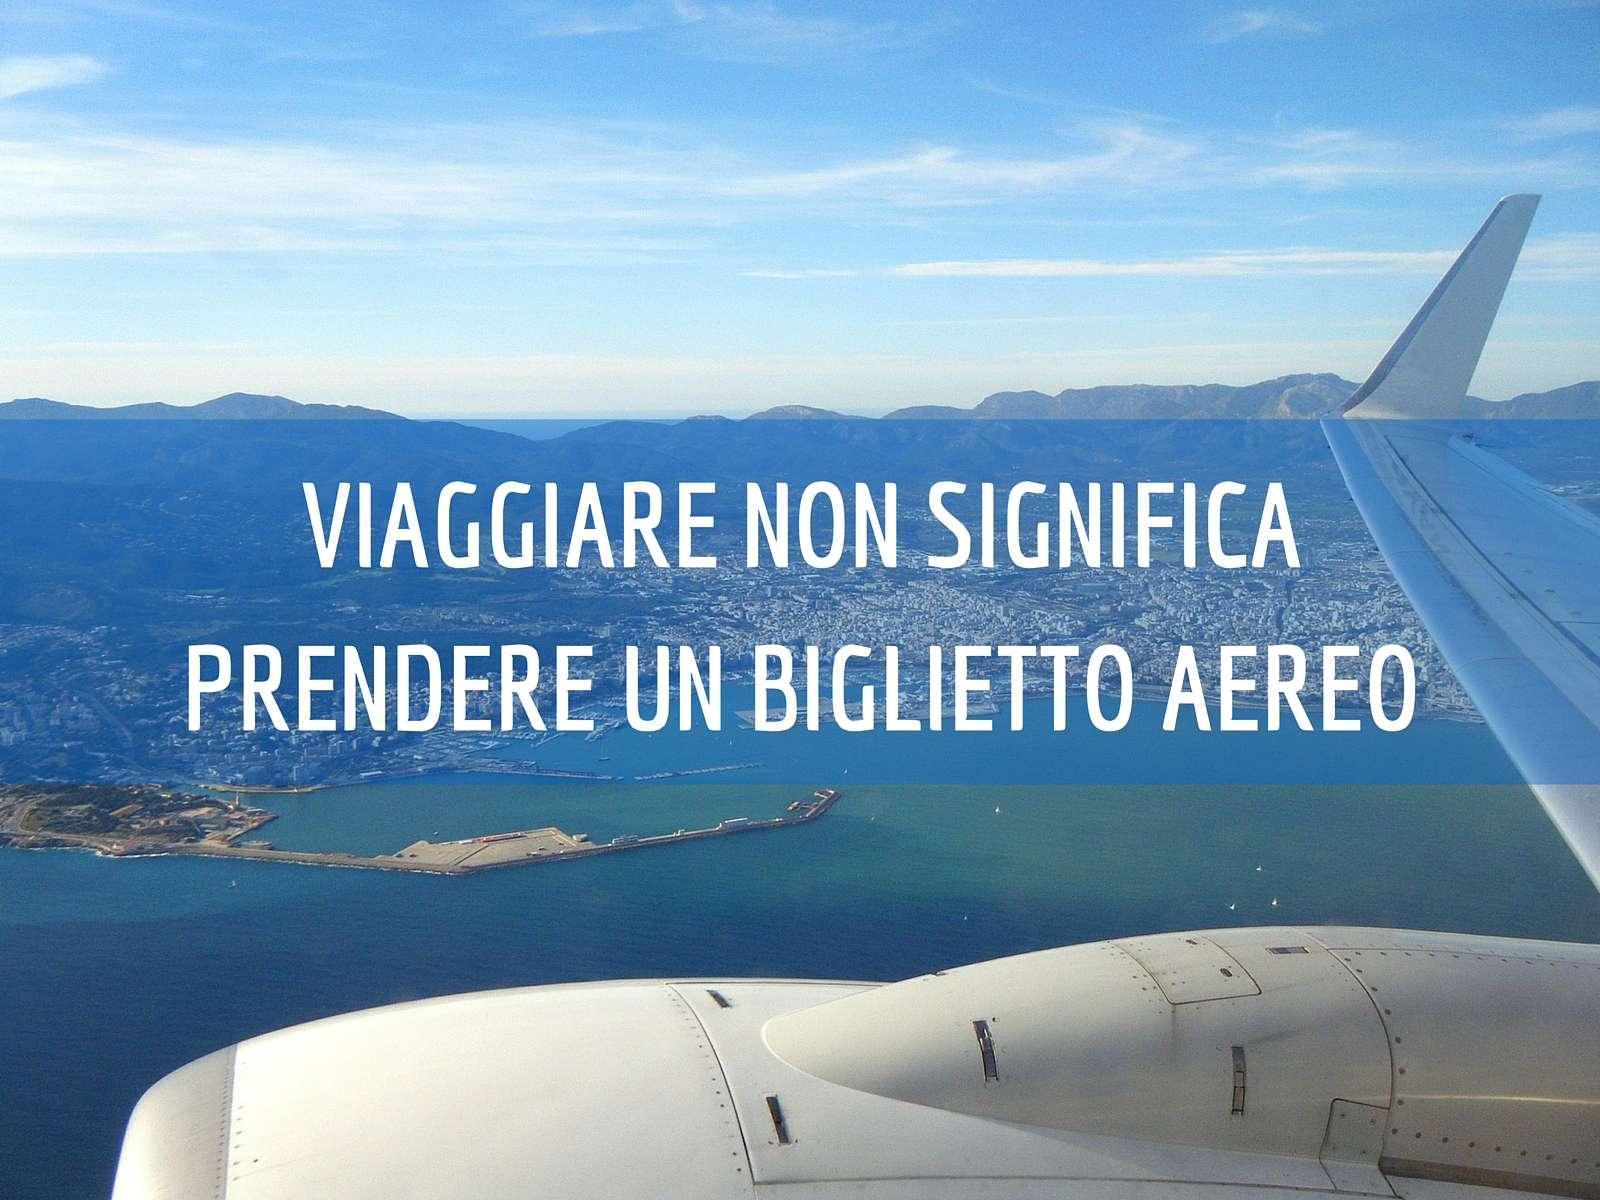 Viaggiare non significa prendere un biglietto aereo